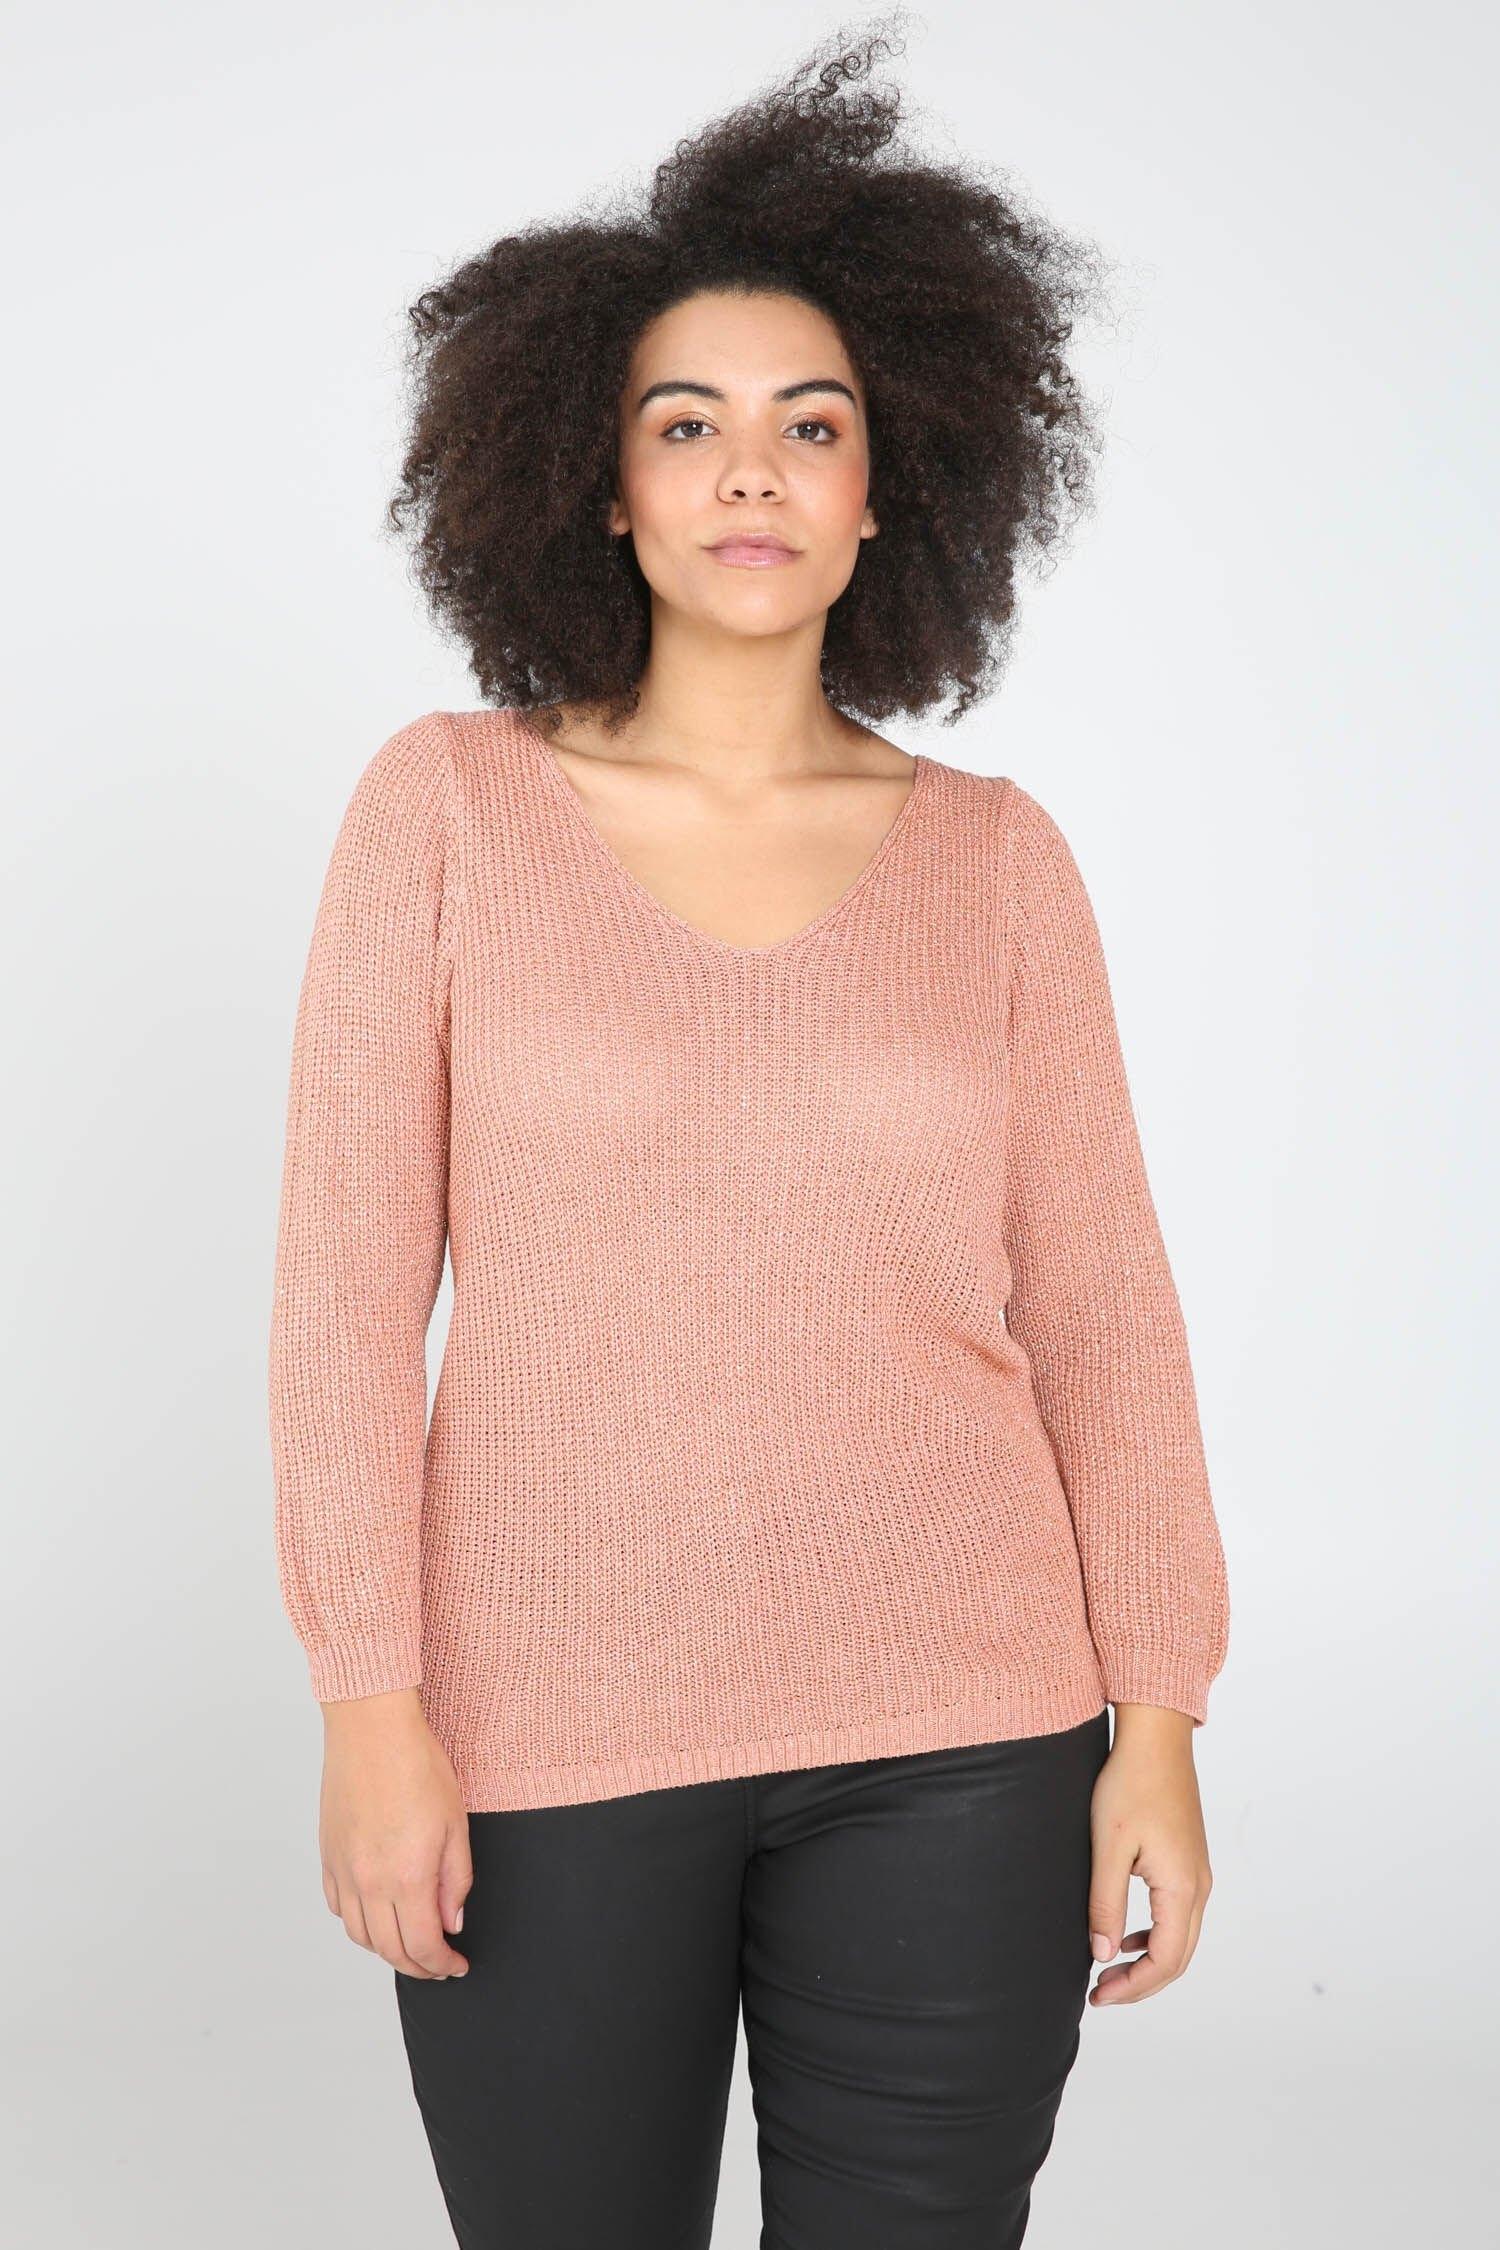 Paprika trui met V-hals voordelig en veilig online kopen